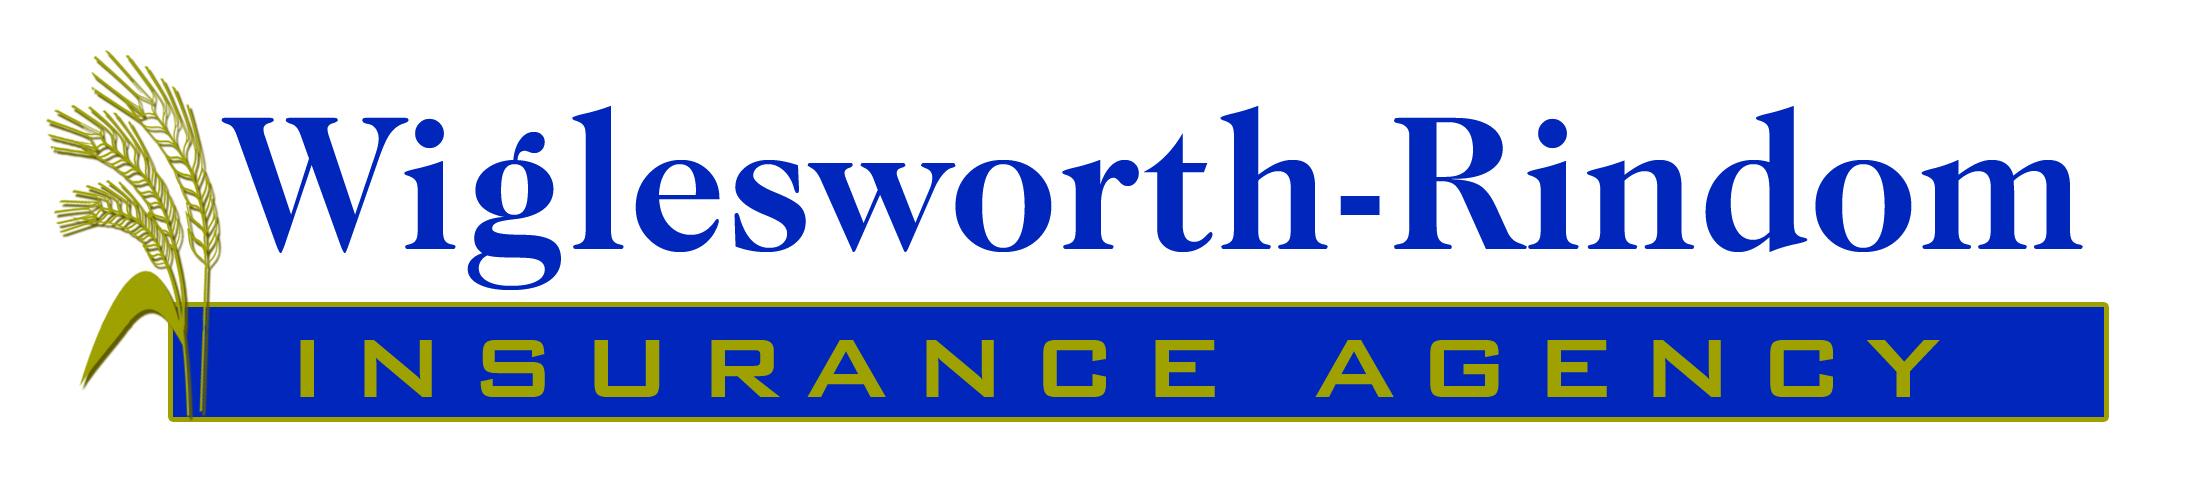 Wiglesworth_Rindom_Logo_LG